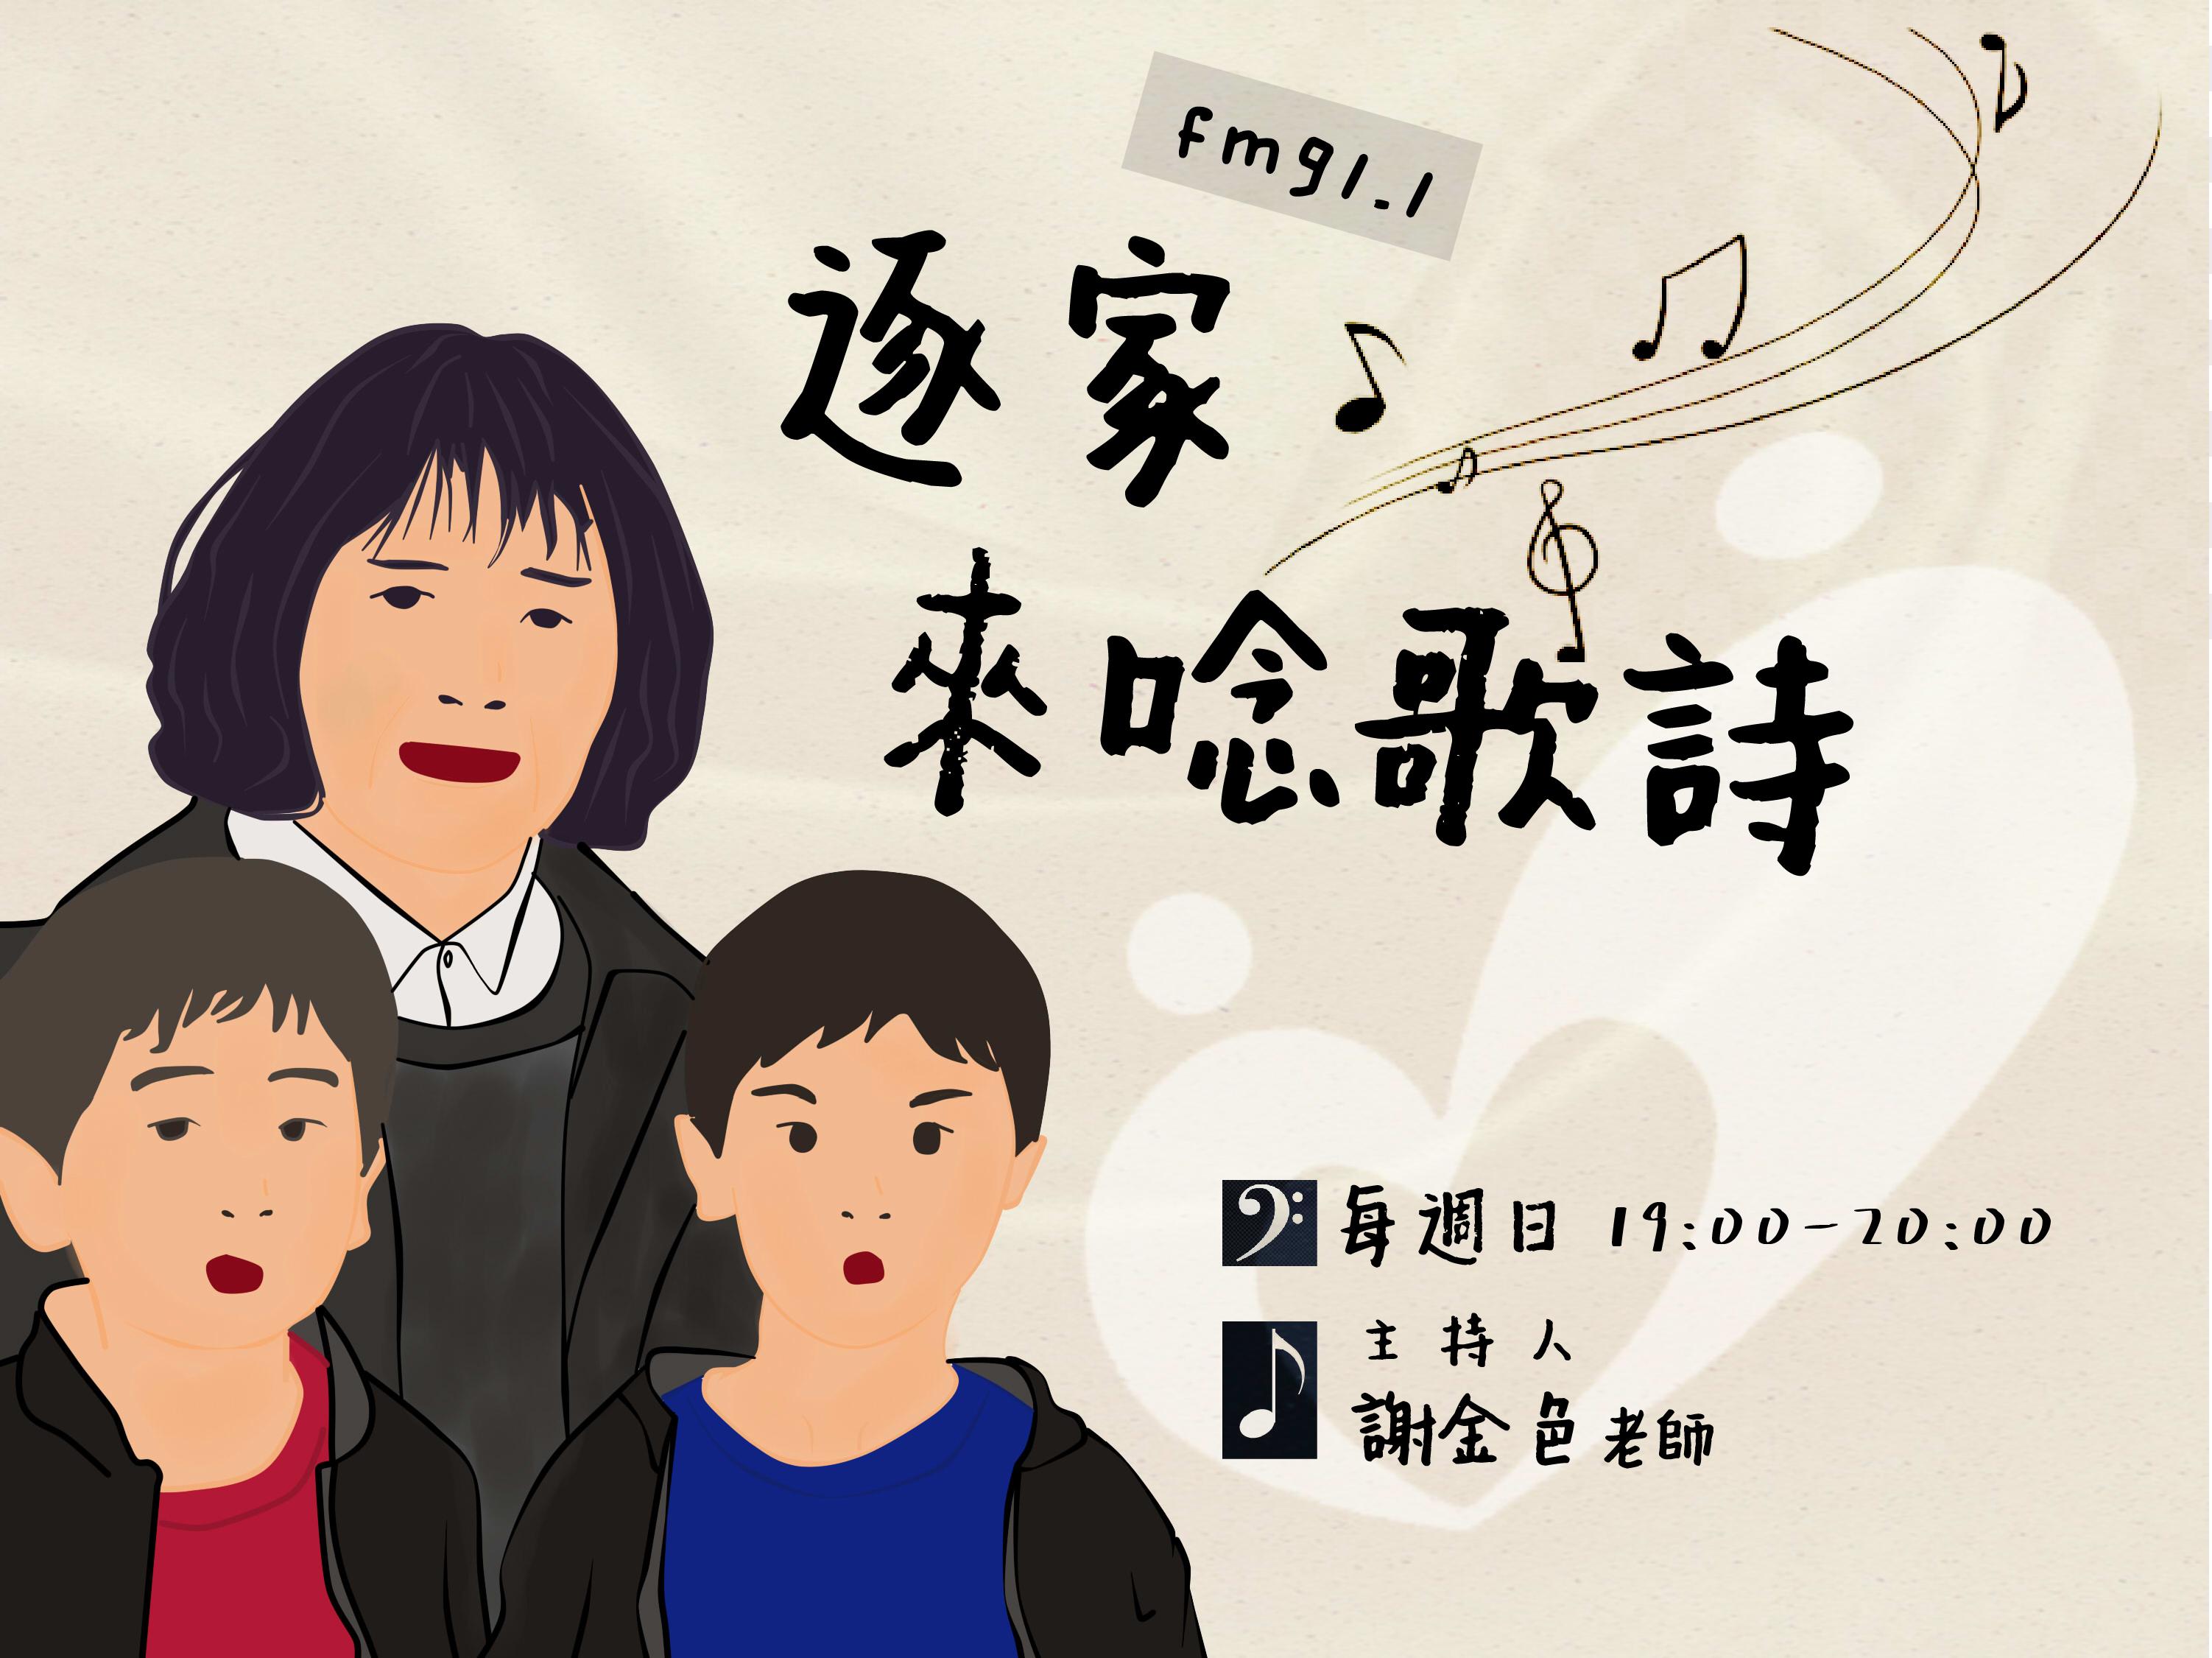 2020/11/29 逐家來唸歌詩